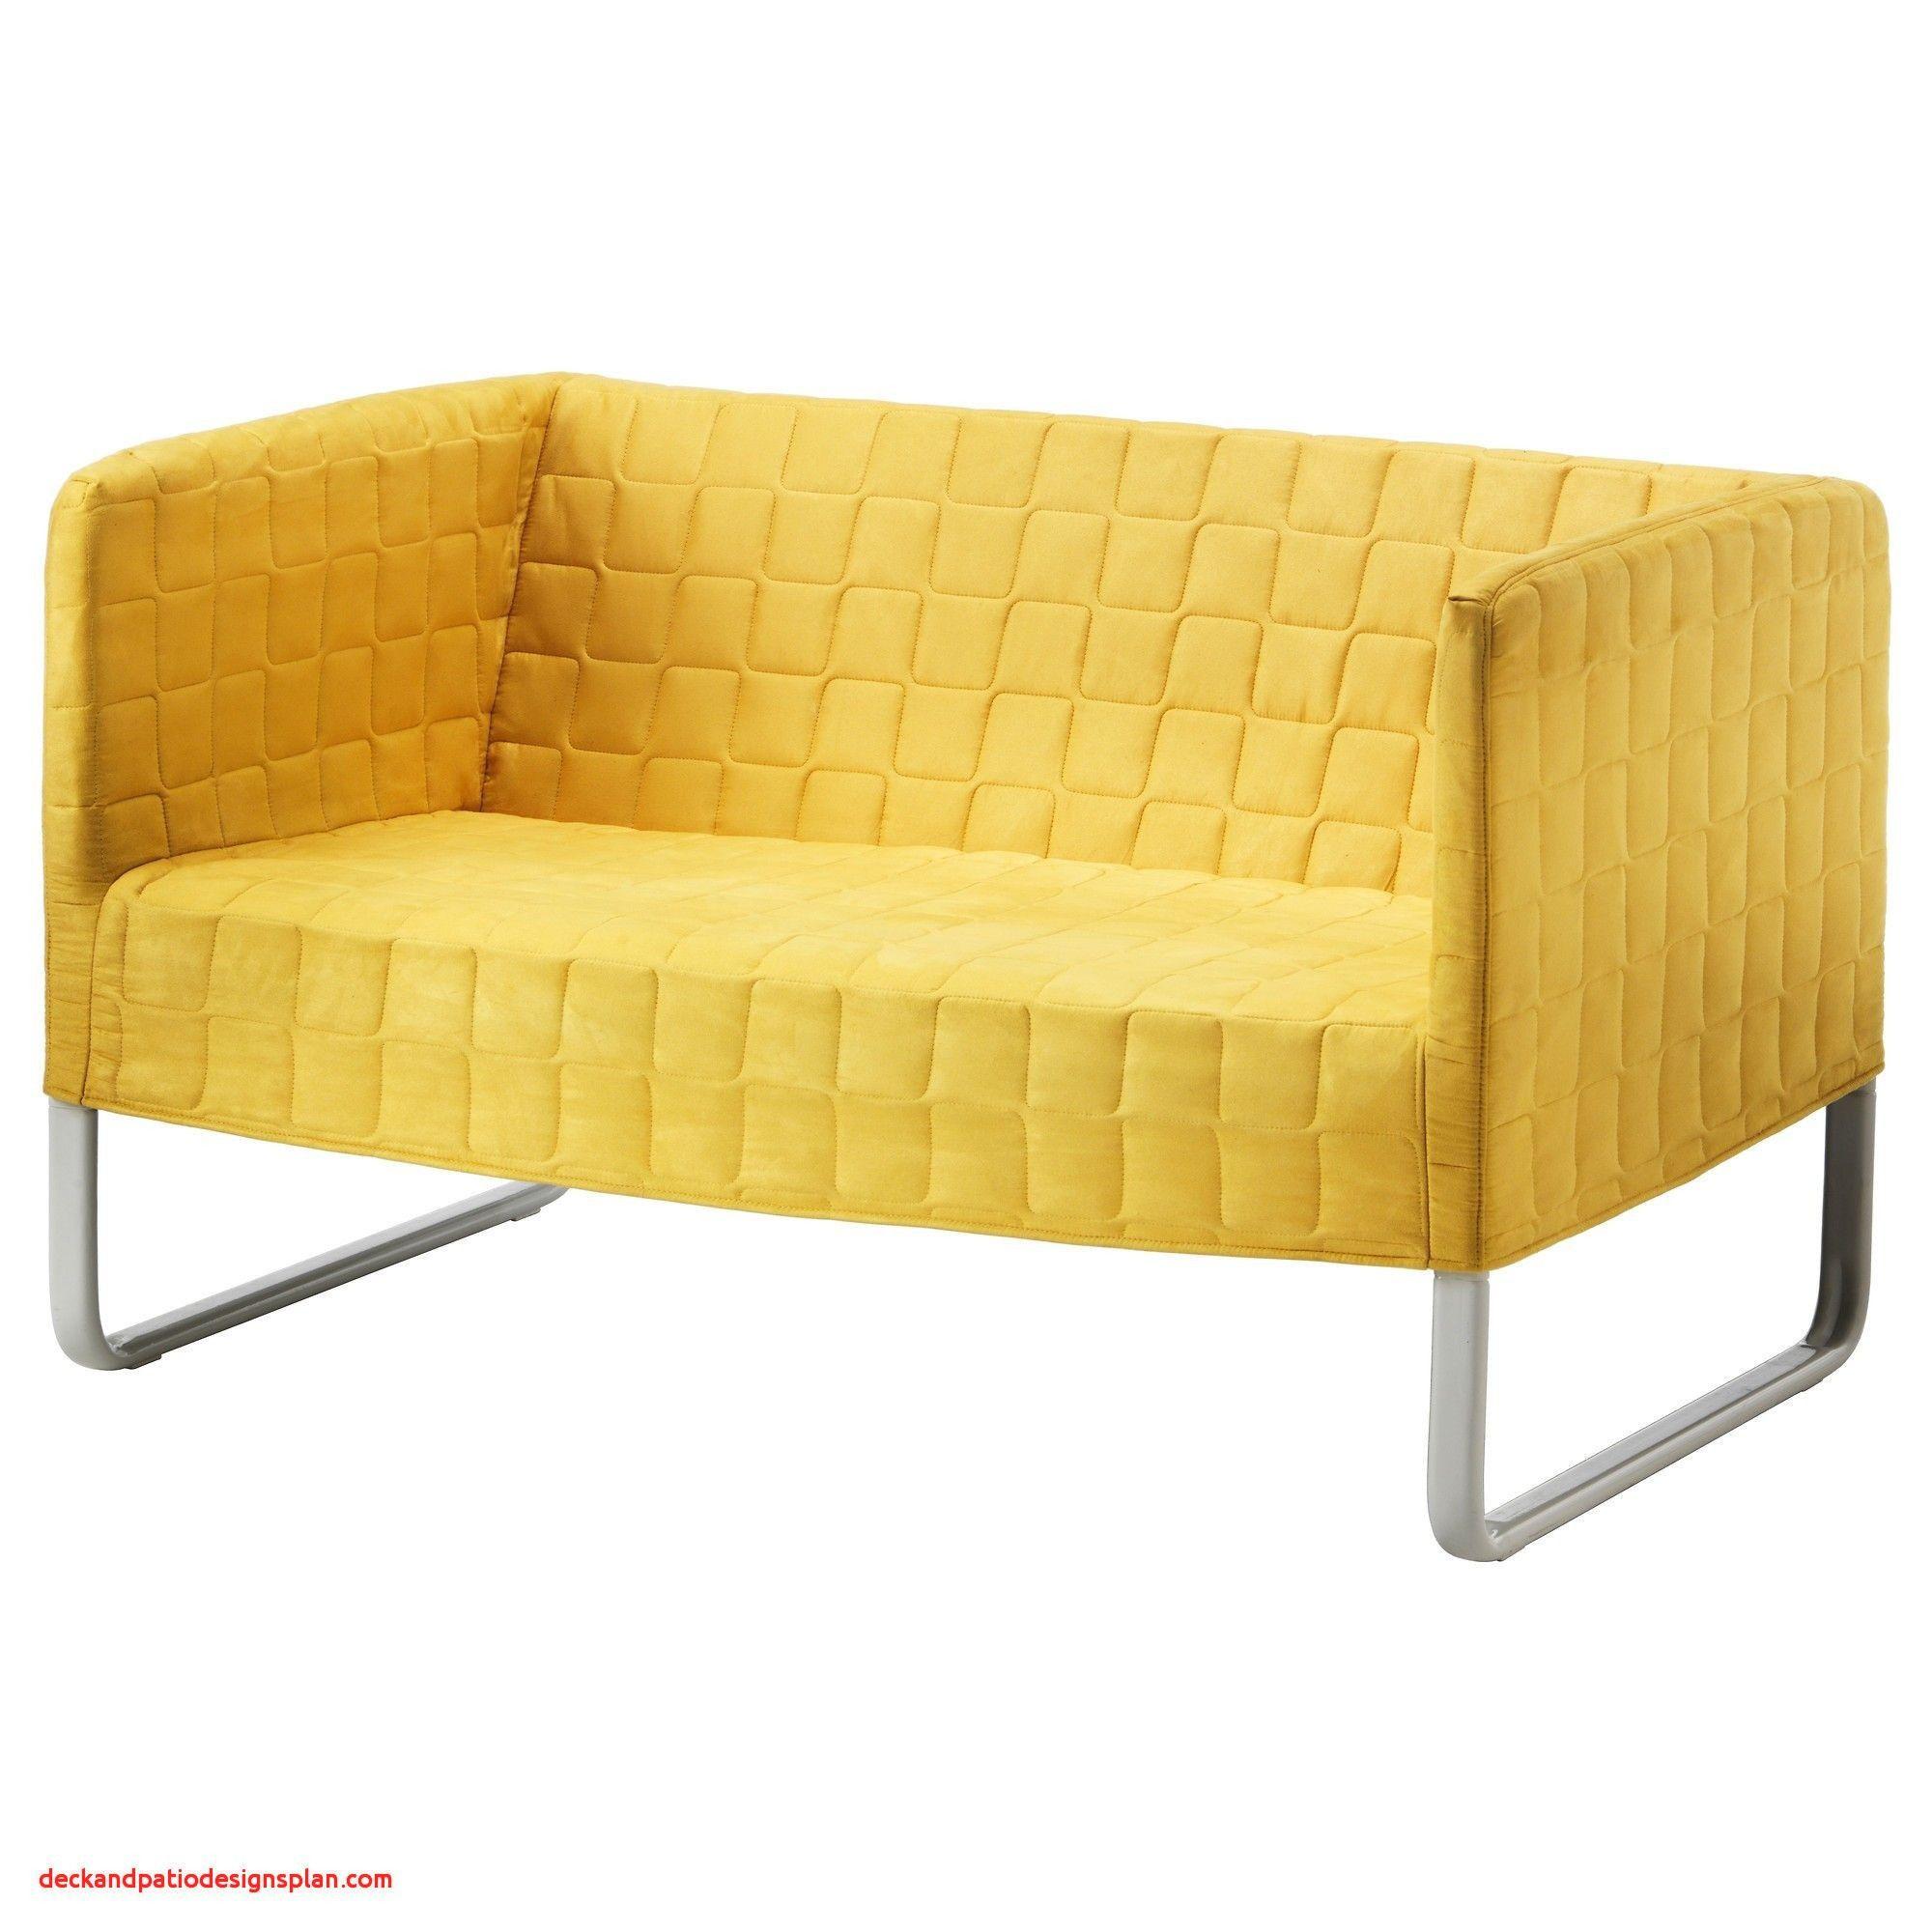 Ikea Sofa Grau Schlafsofa Ideen Und Bilder Deckandpatiodesignsplan